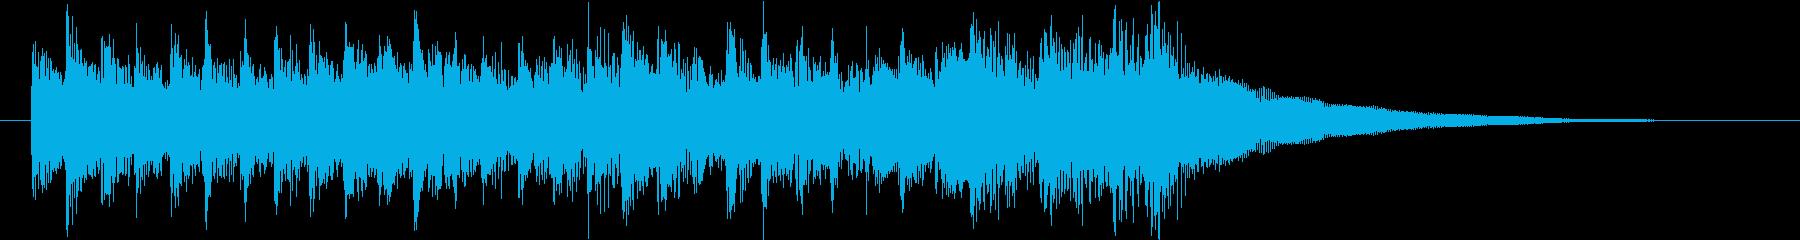 陽気なアイリッシュ風ジングルの再生済みの波形